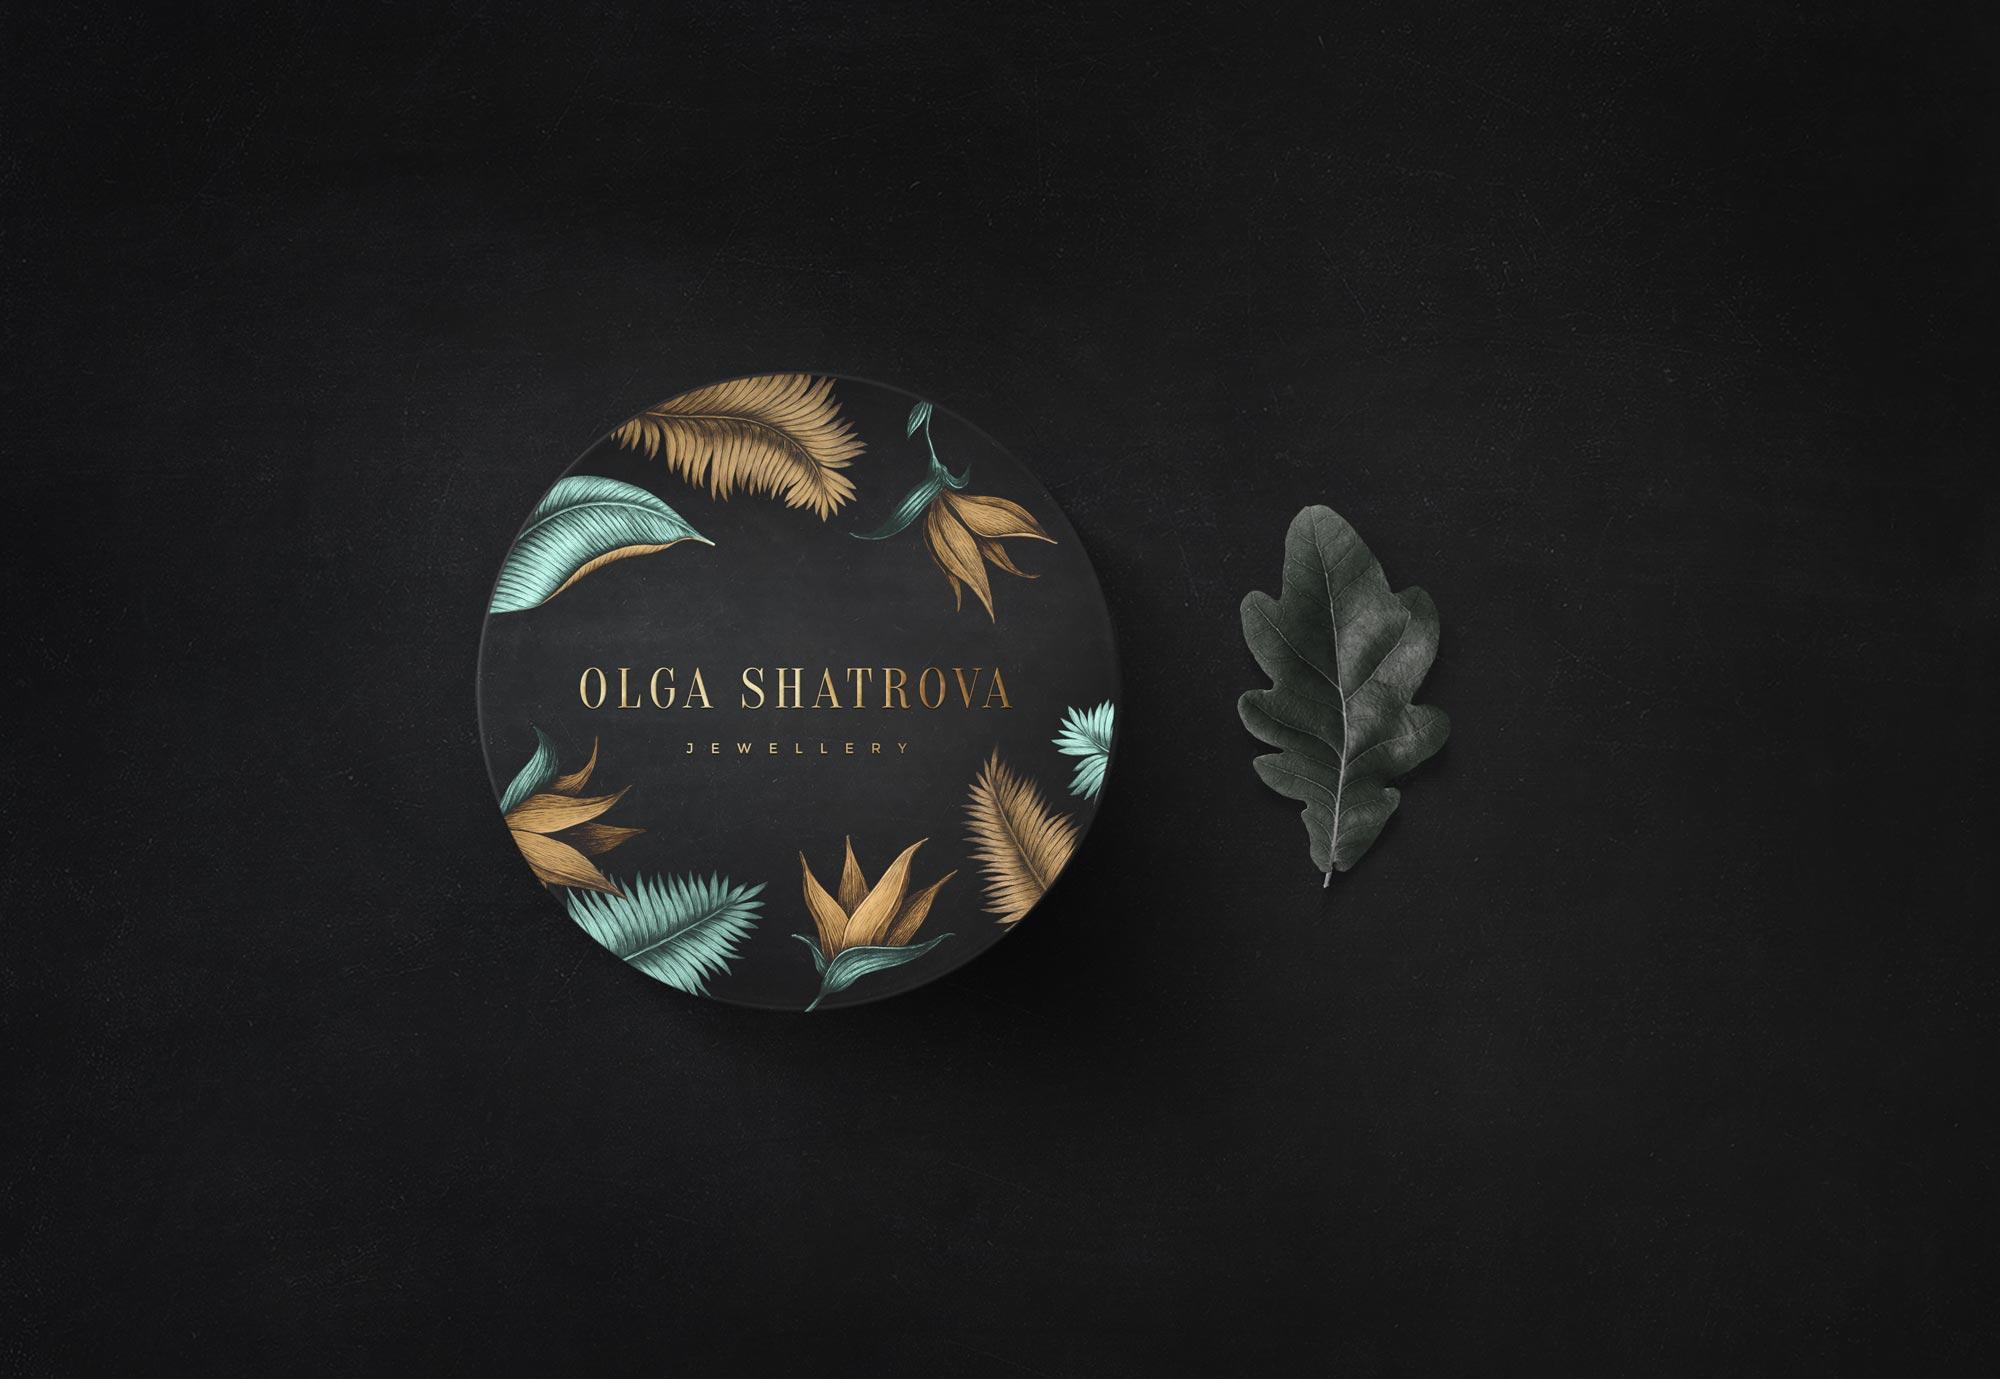 OlgaShatrova_pack